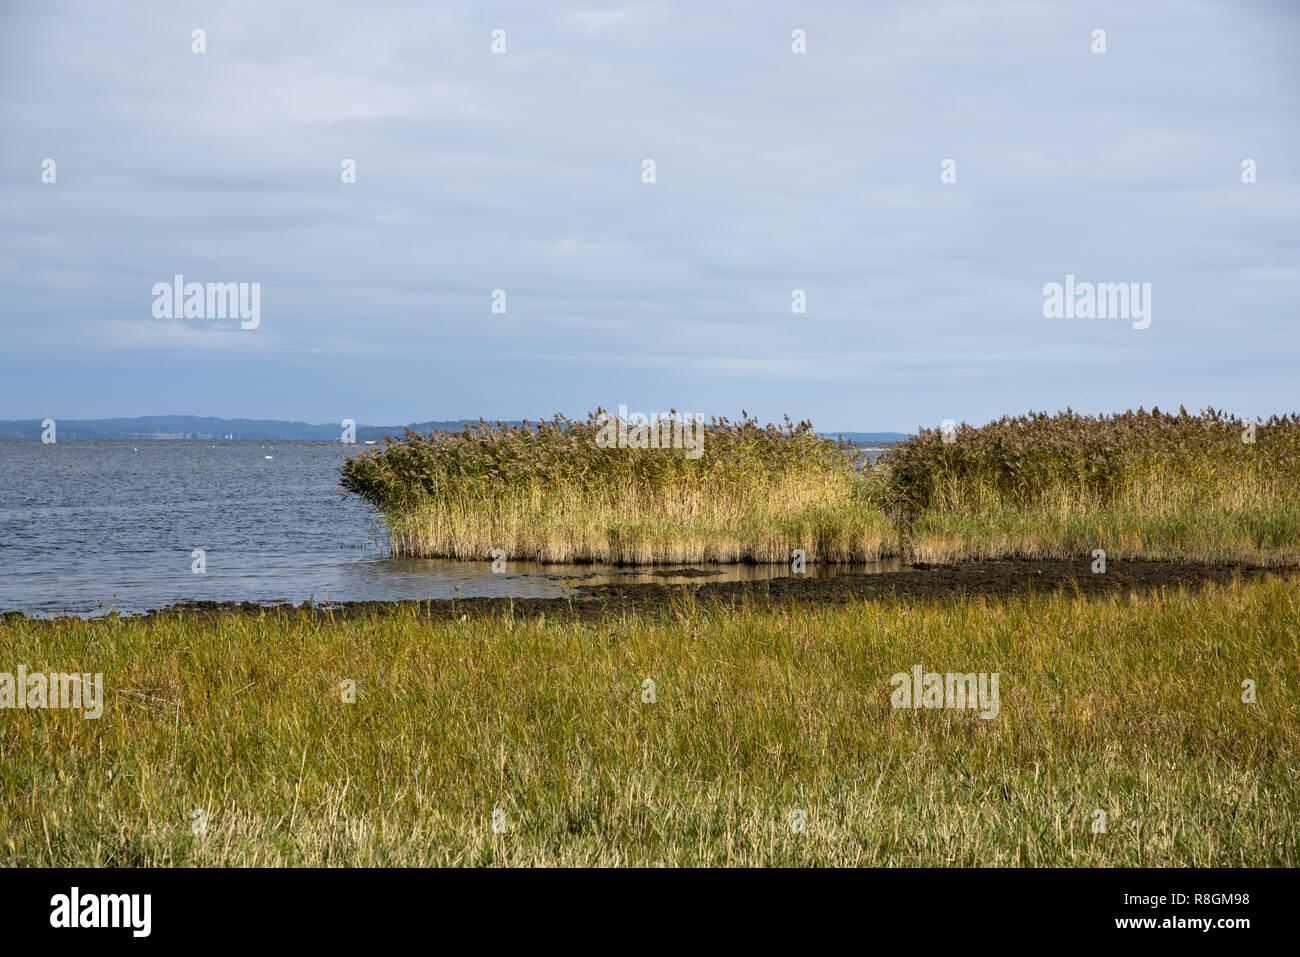 Reed bed on Zudar peninsula in the very south of Rügen Island in Northeastern Germany.  Schilfgürtel auf der Halbinsel Zudar weit im Süden von Rügen. - Stock Image